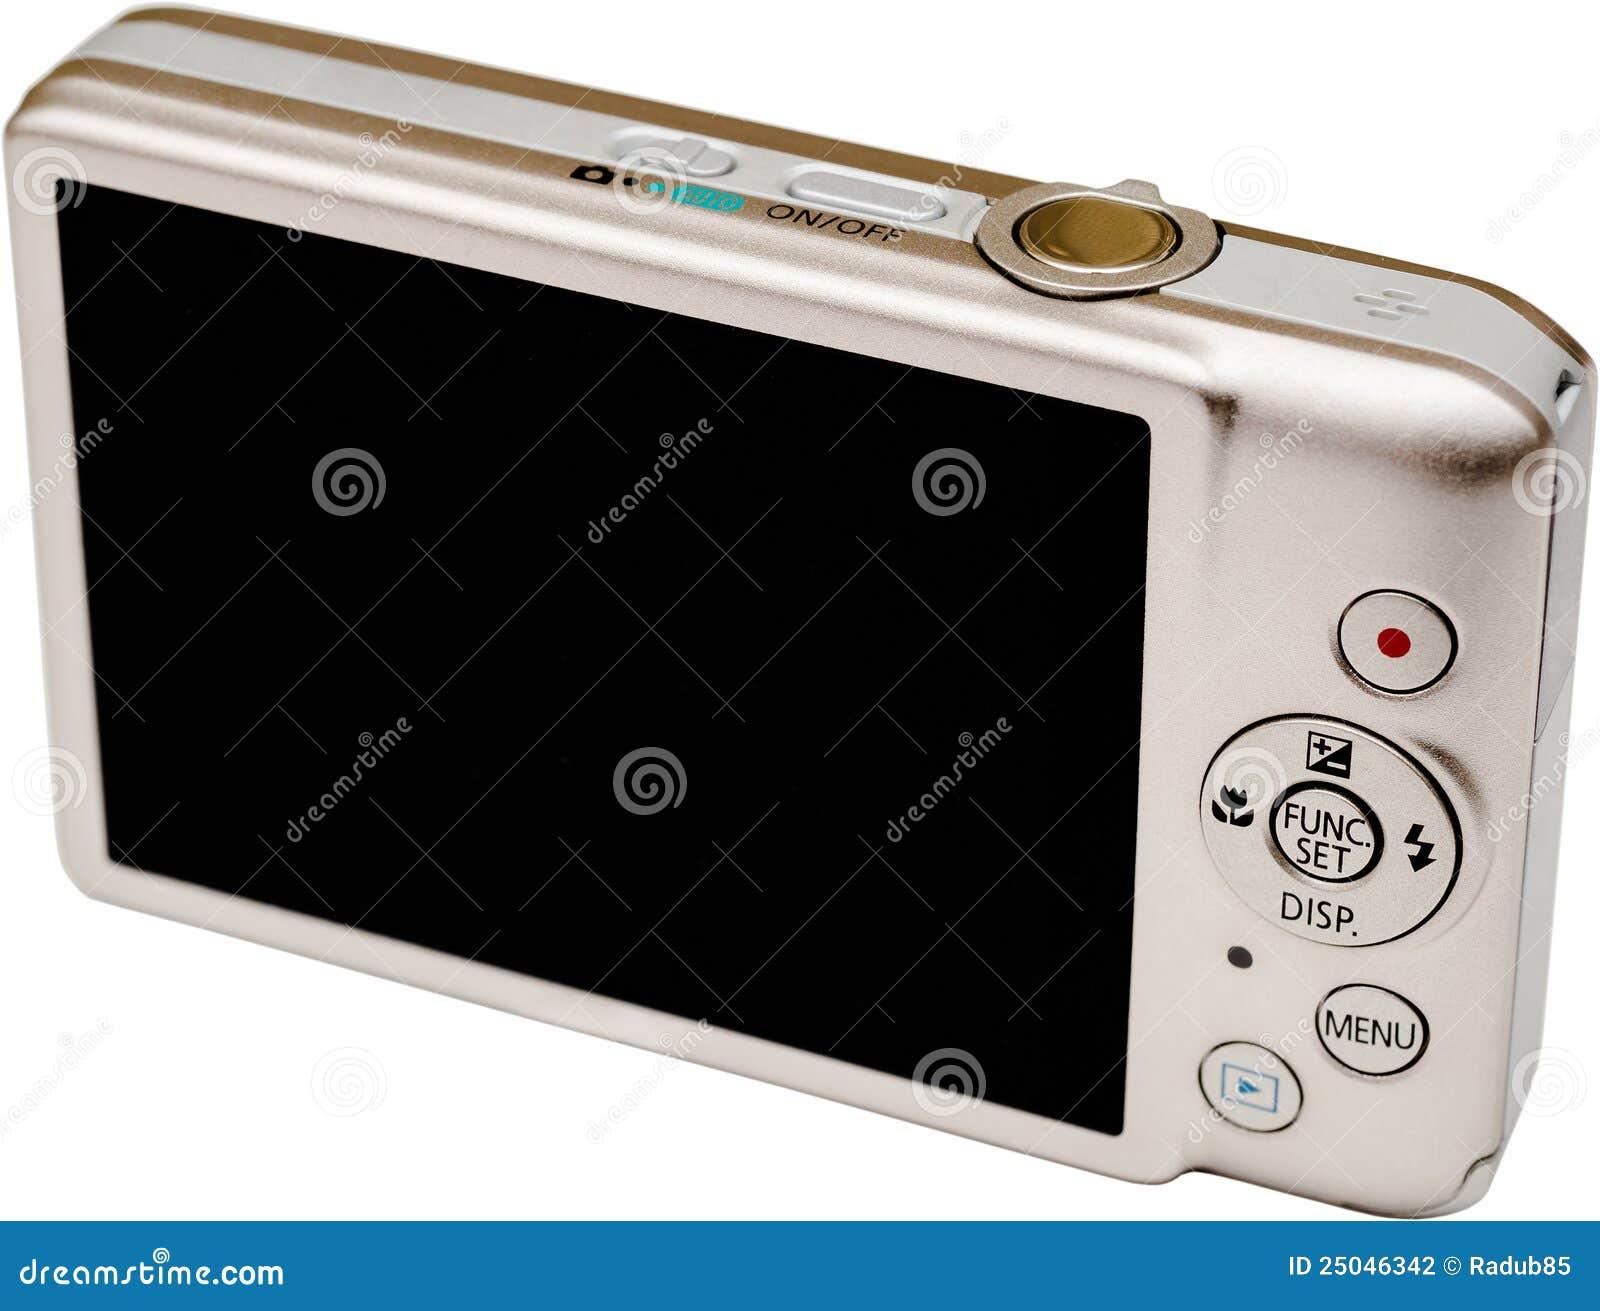 Cran d 39 affichage cristaux liquides d 39 appareil photo for Appareil photo ecran 3 pouces